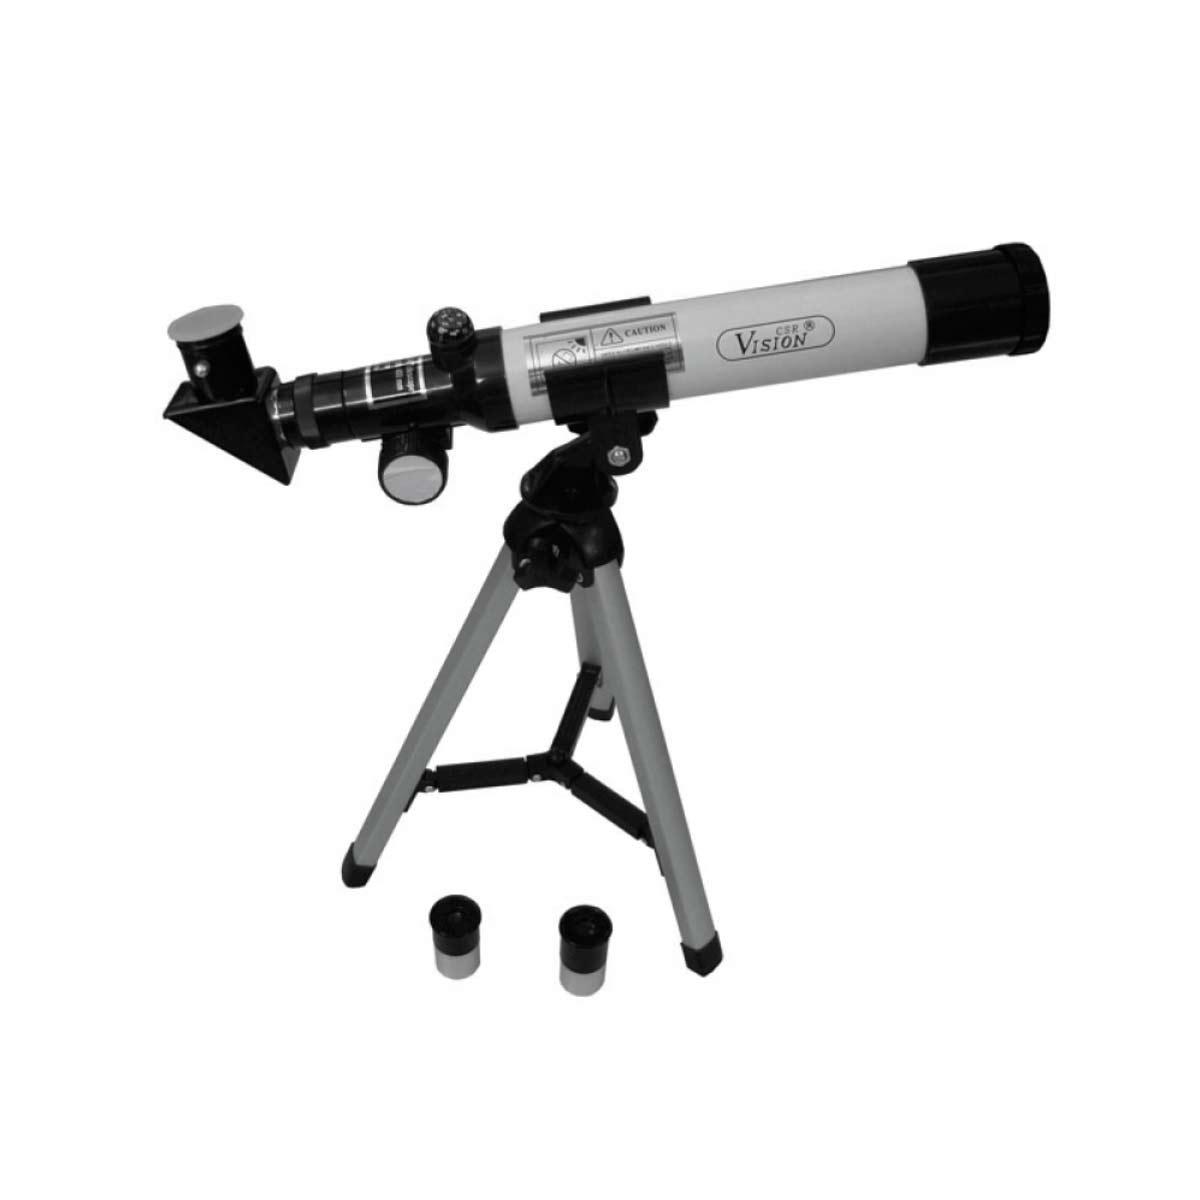 F40040M - Telescópio 40mm c/ Tripé F400 40M - CSR